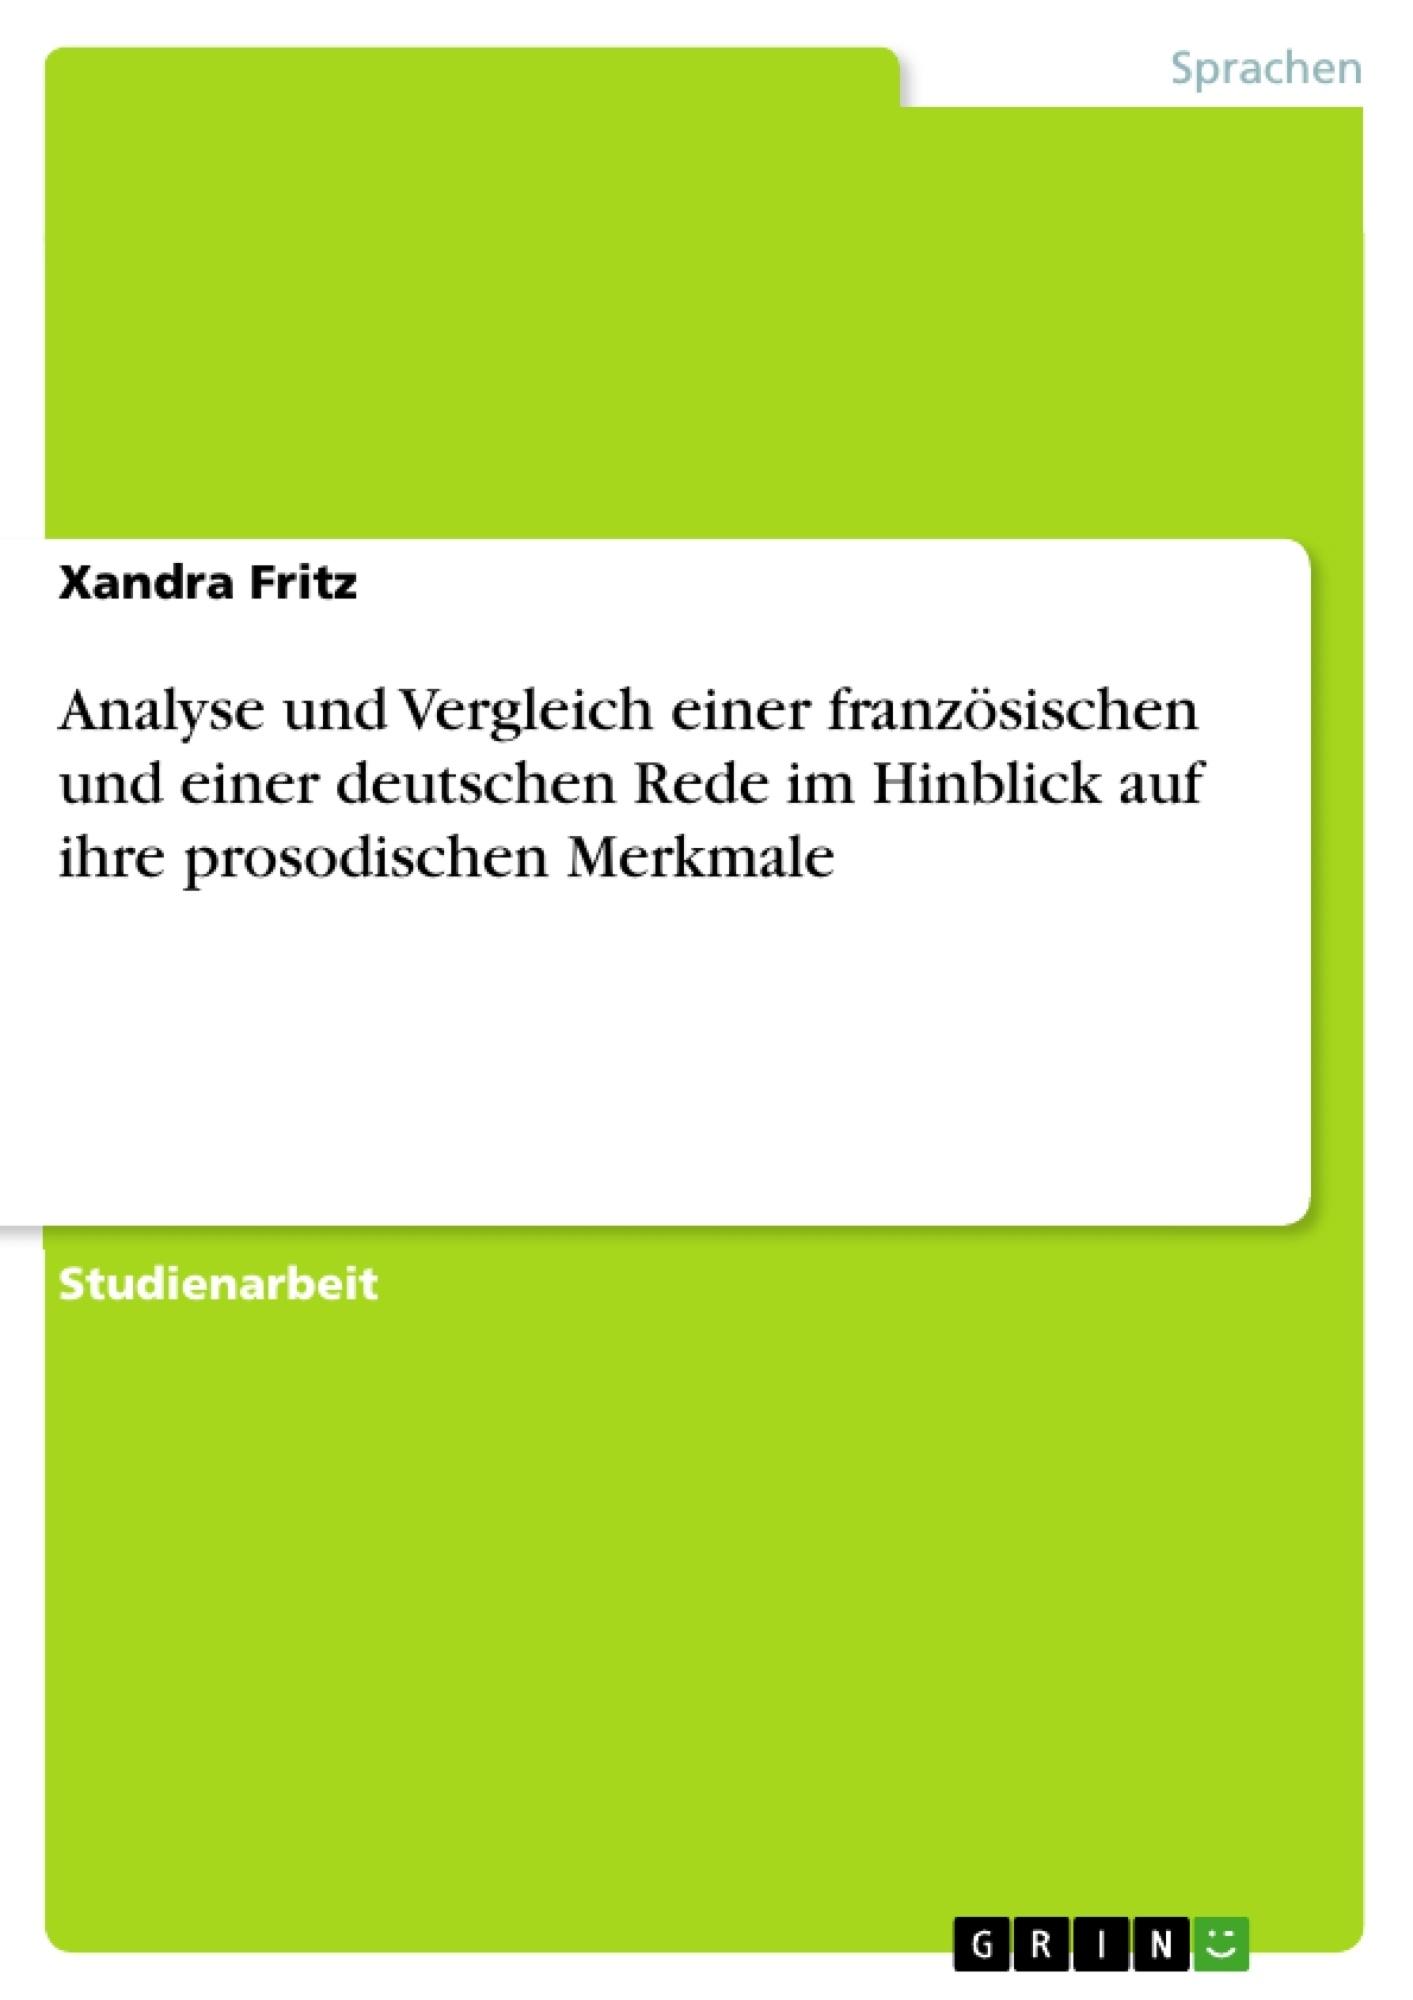 Titel: Analyse und Vergleich einer französischen und einer deutschen Rede im Hinblick auf ihre prosodischen Merkmale